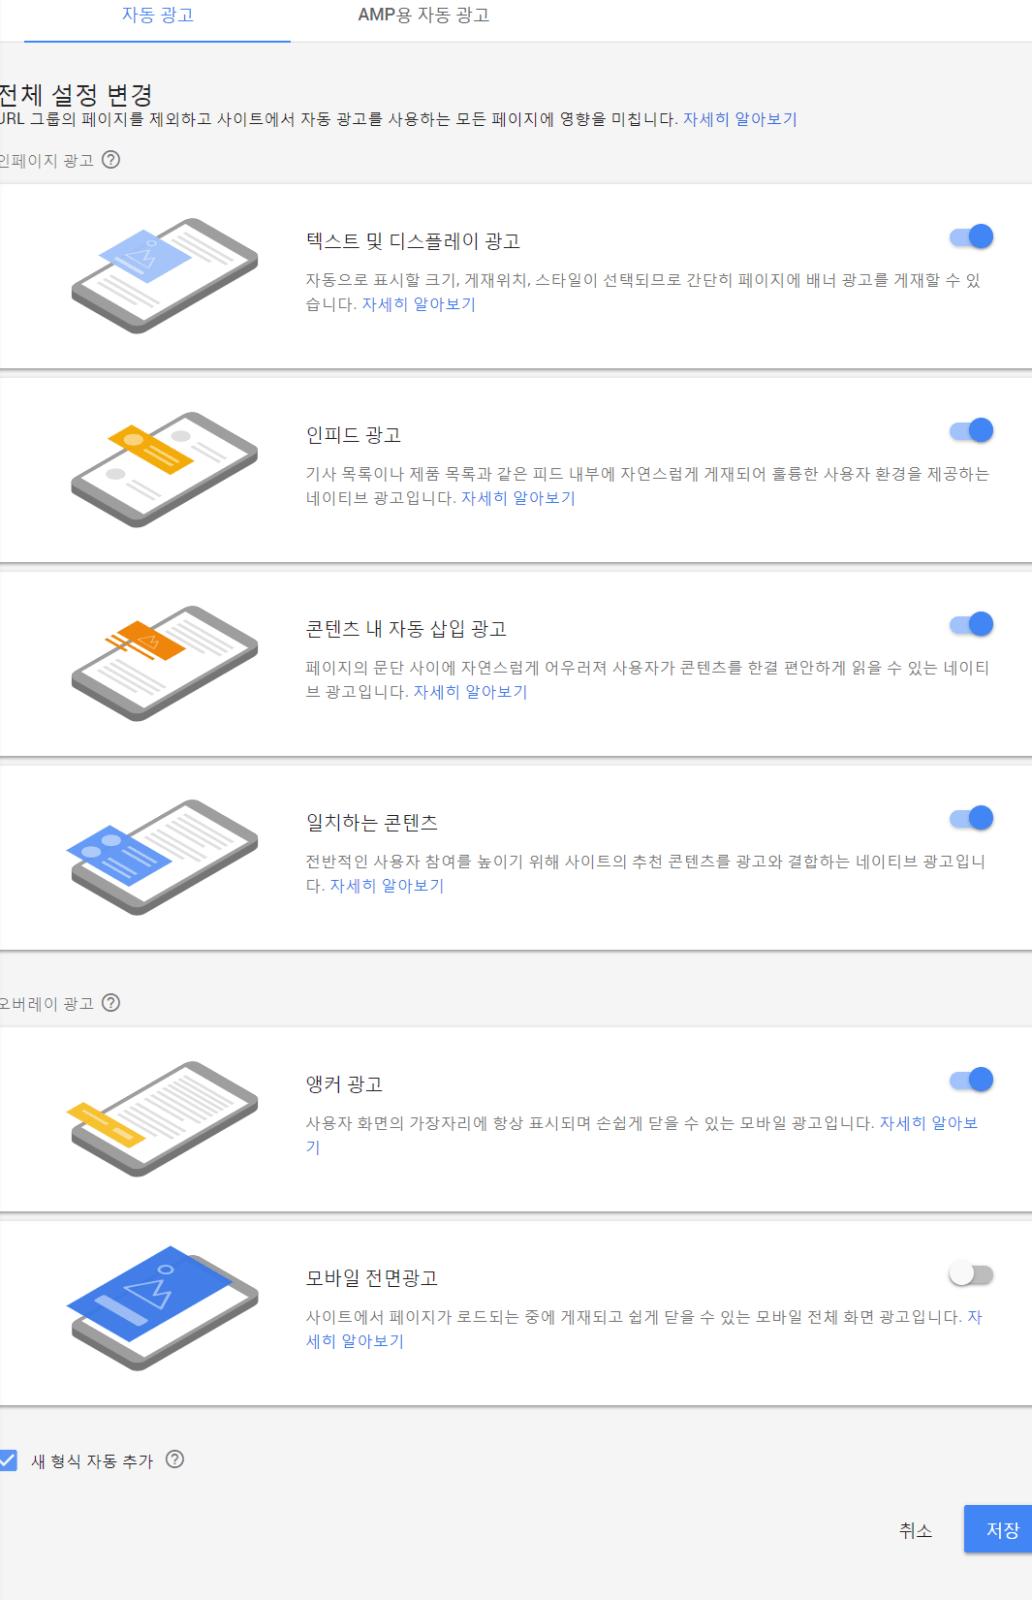 구글 애드센스 자동 광고